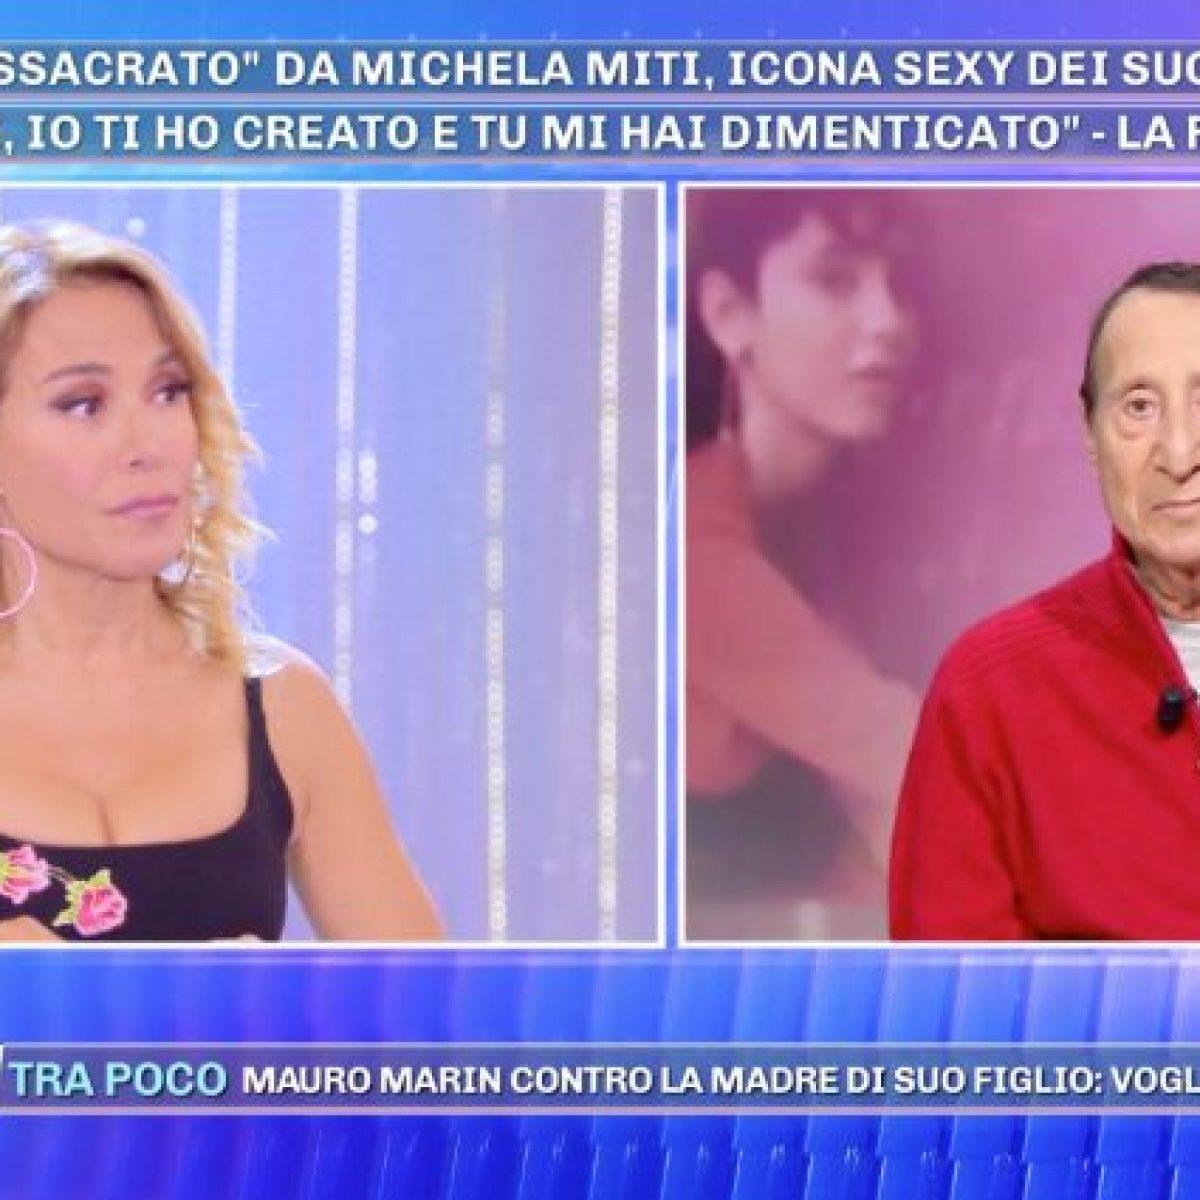 Michela Miti